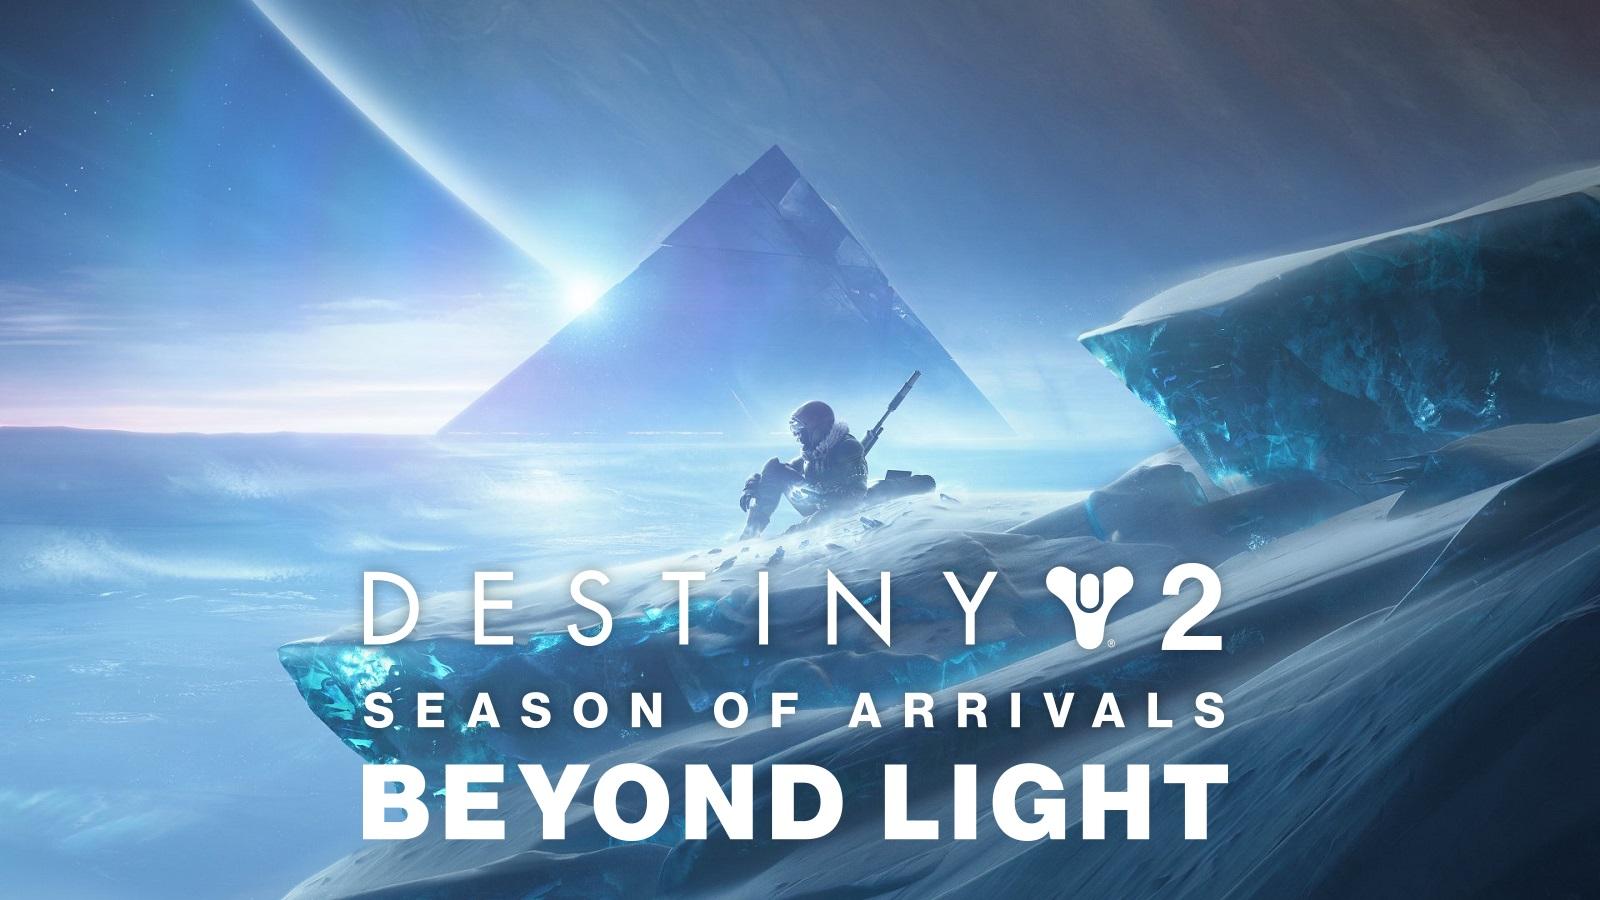 Destiny 2 Beyond Light Exo Stranger Season of Arrivals